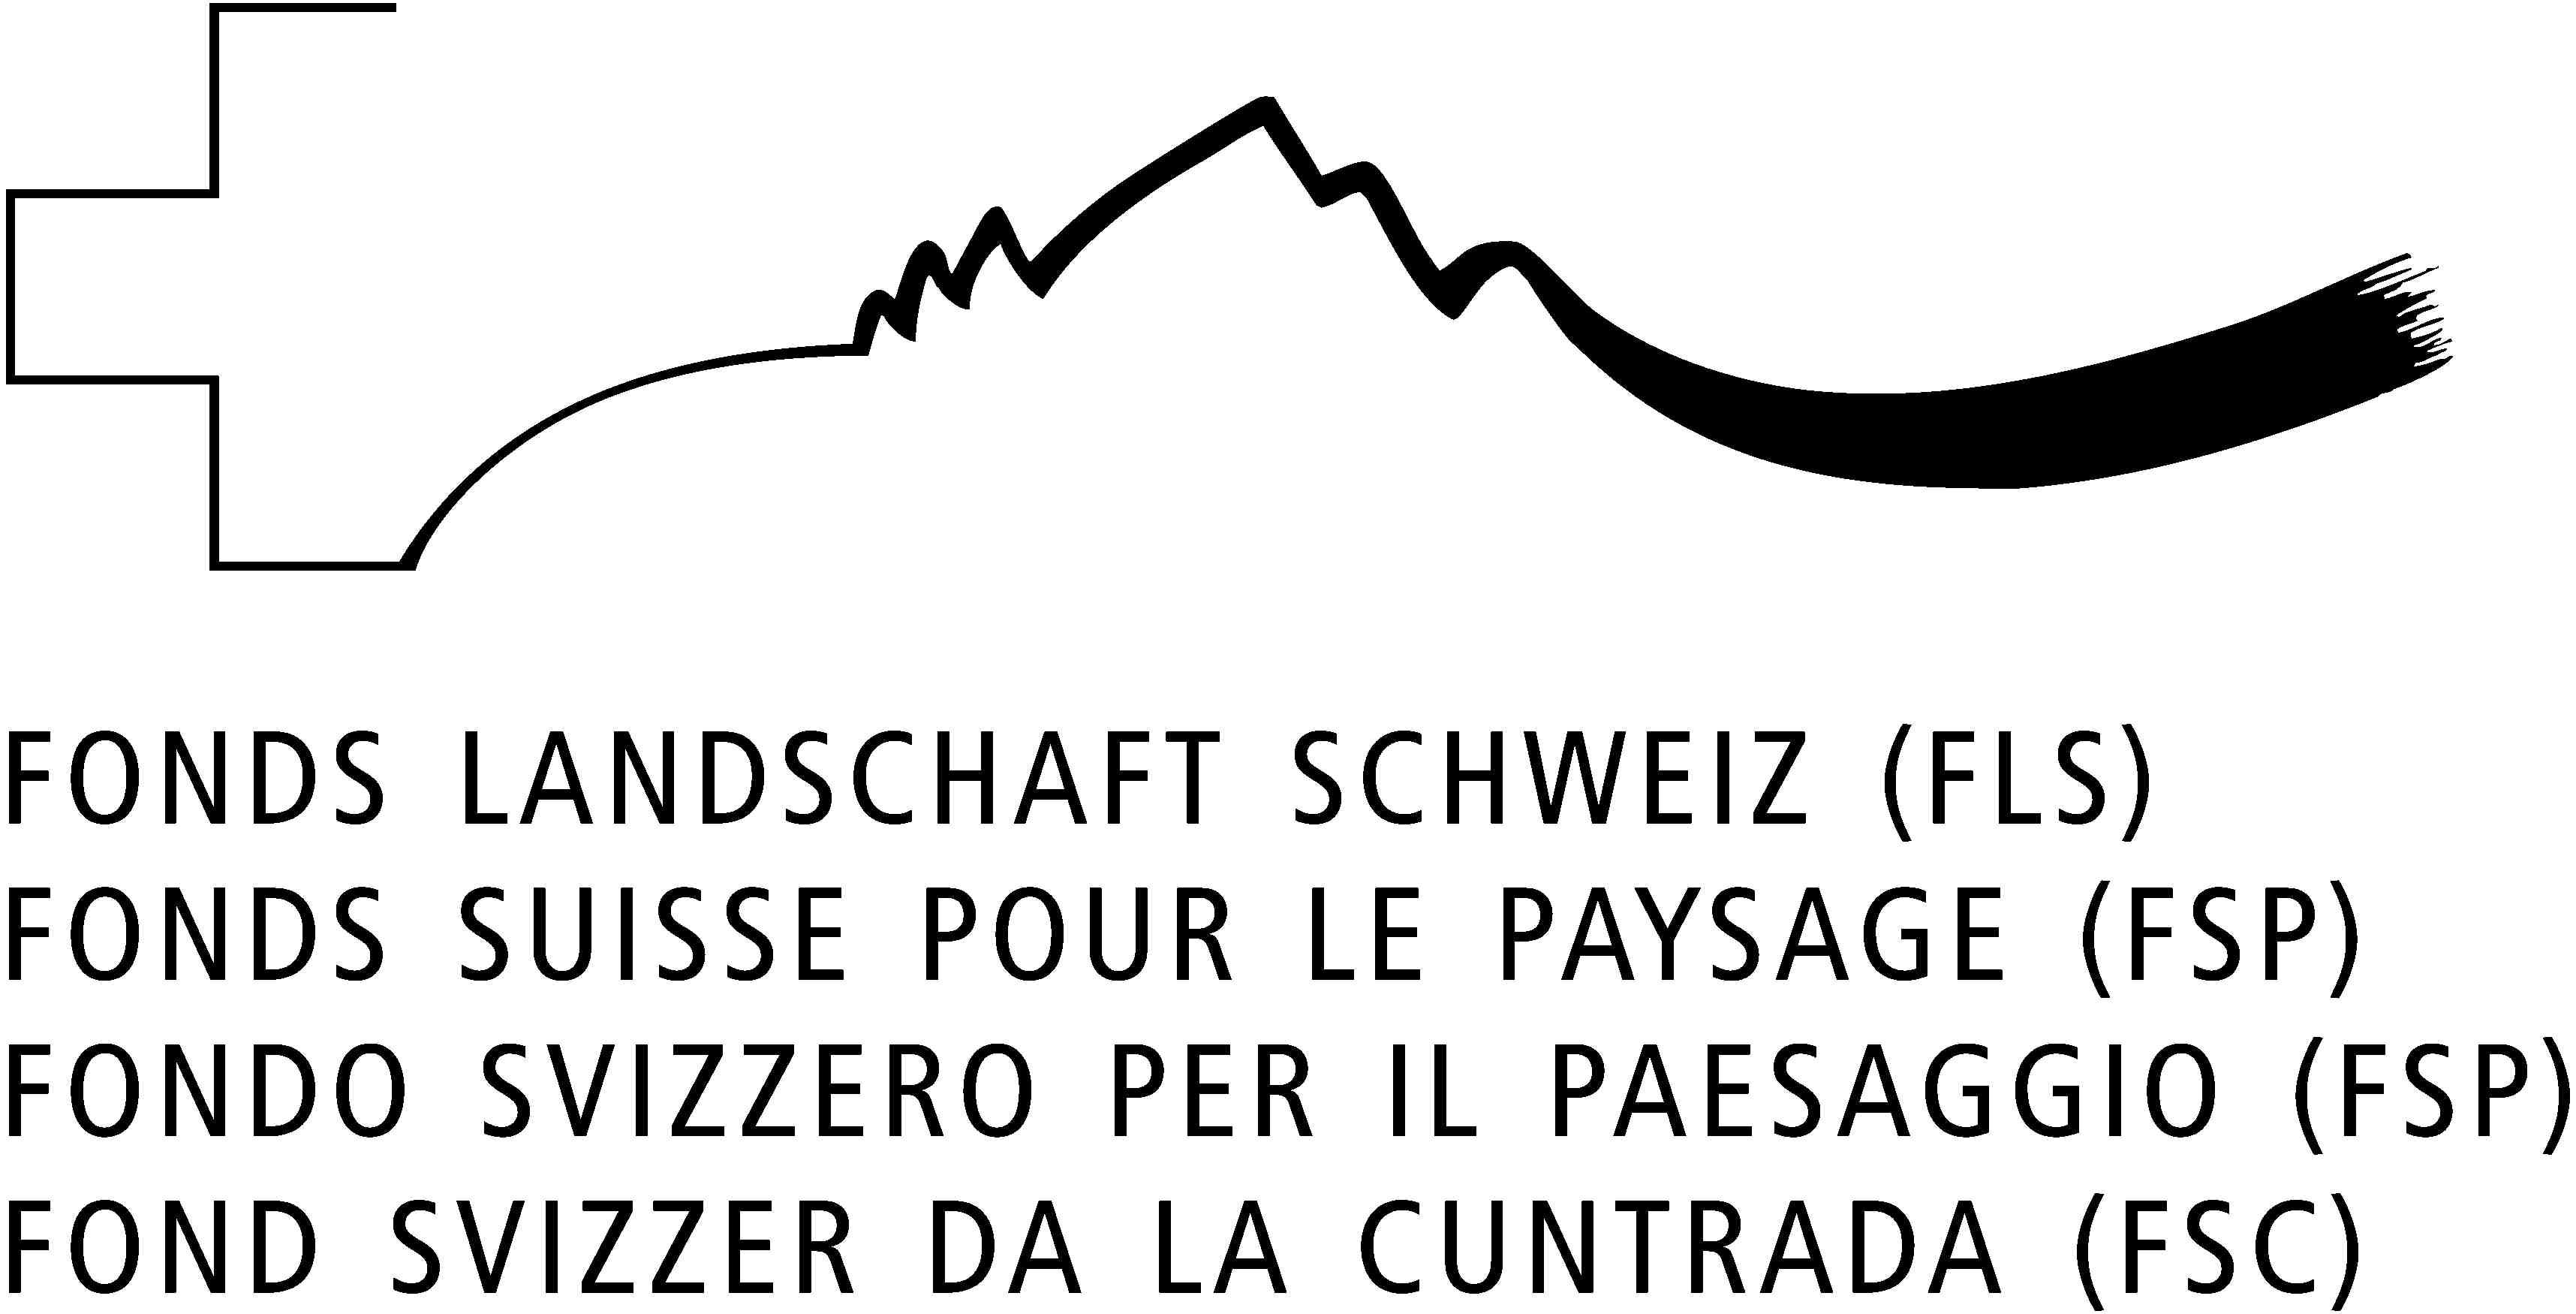 Fonds Landschaft Schweiz